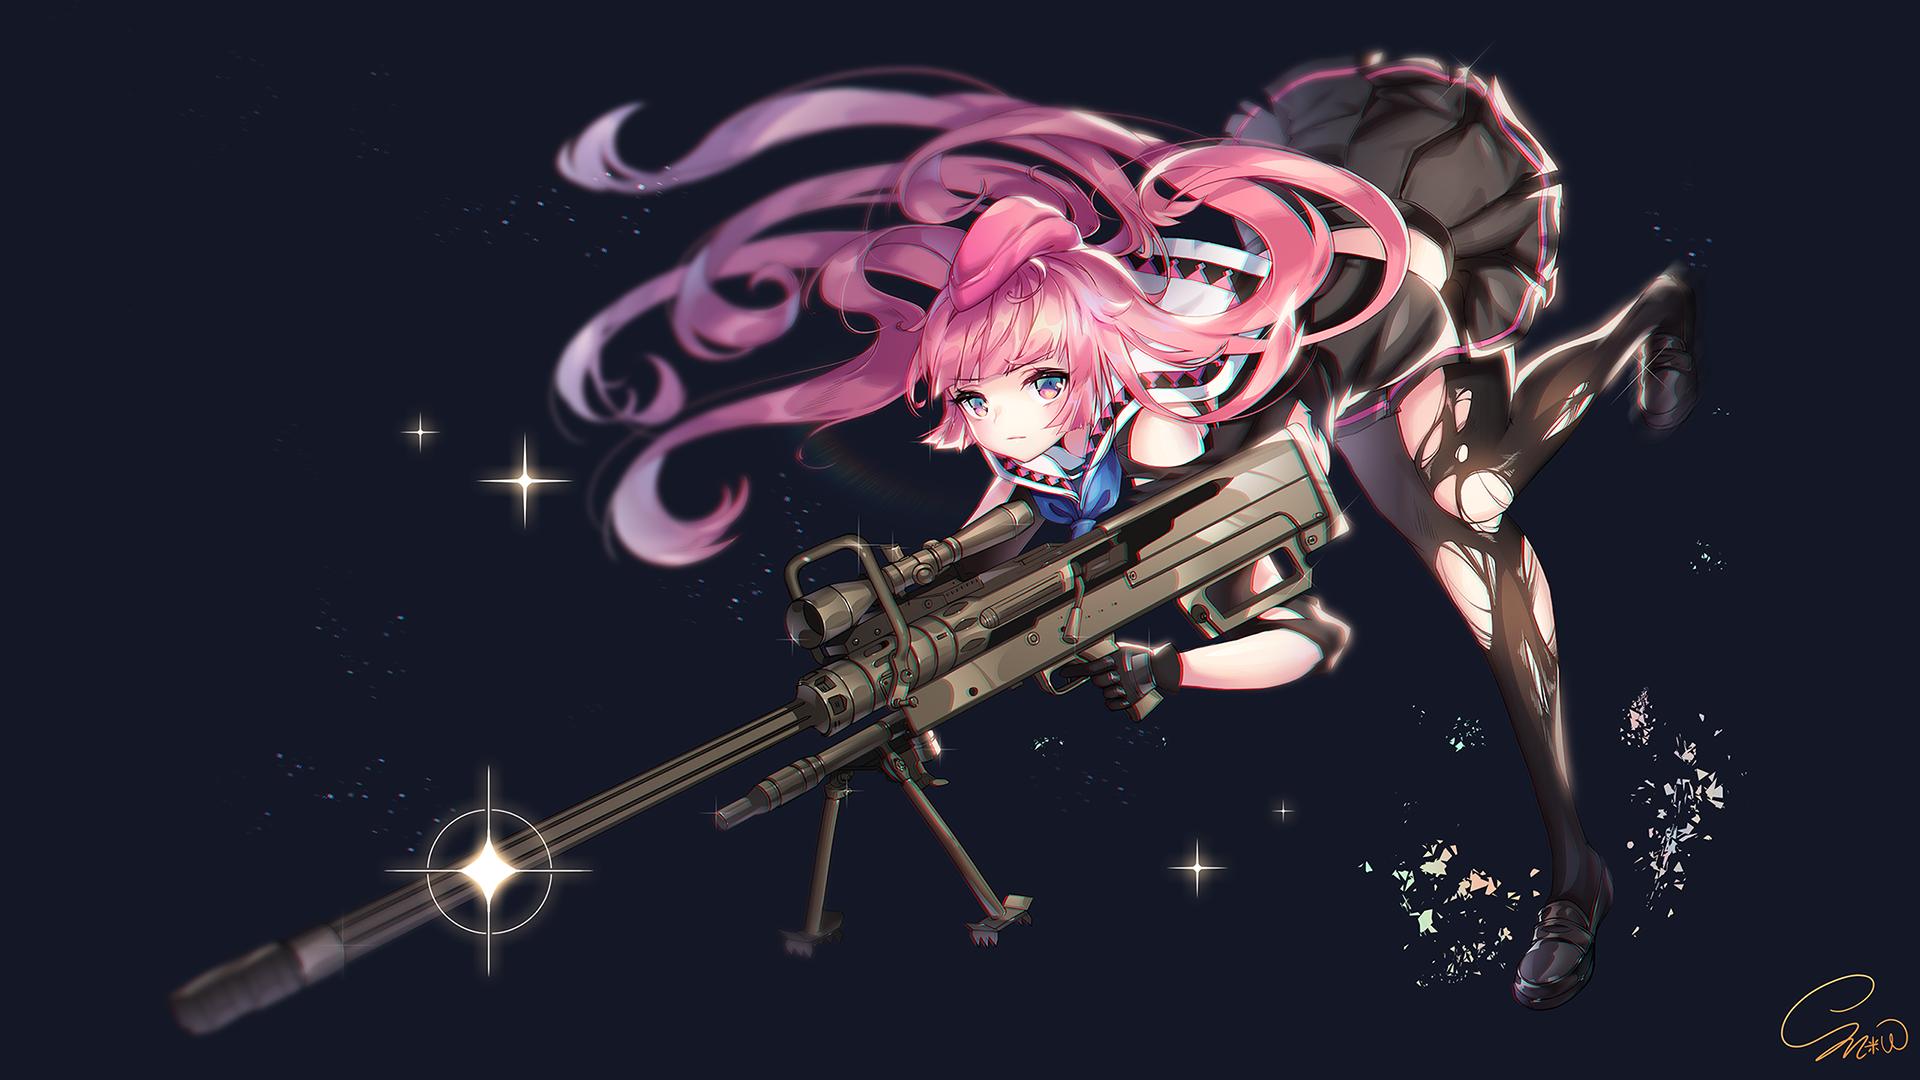 Wallpaper sniper rifle stockings skirt pink hair - Anime sniper girl ...